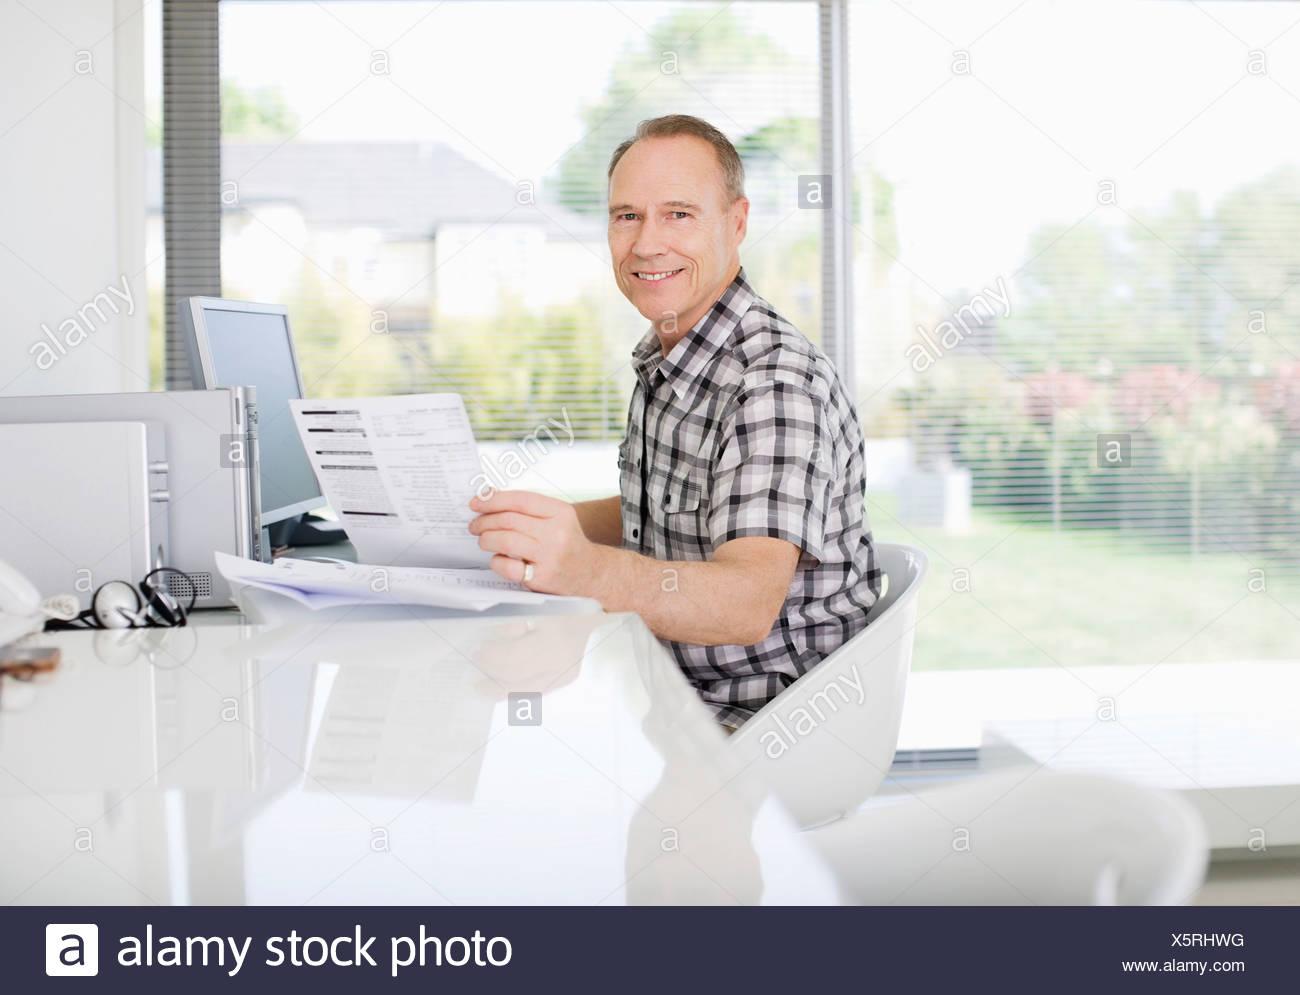 El hombre el pago de facturas en el equipo Imagen De Stock